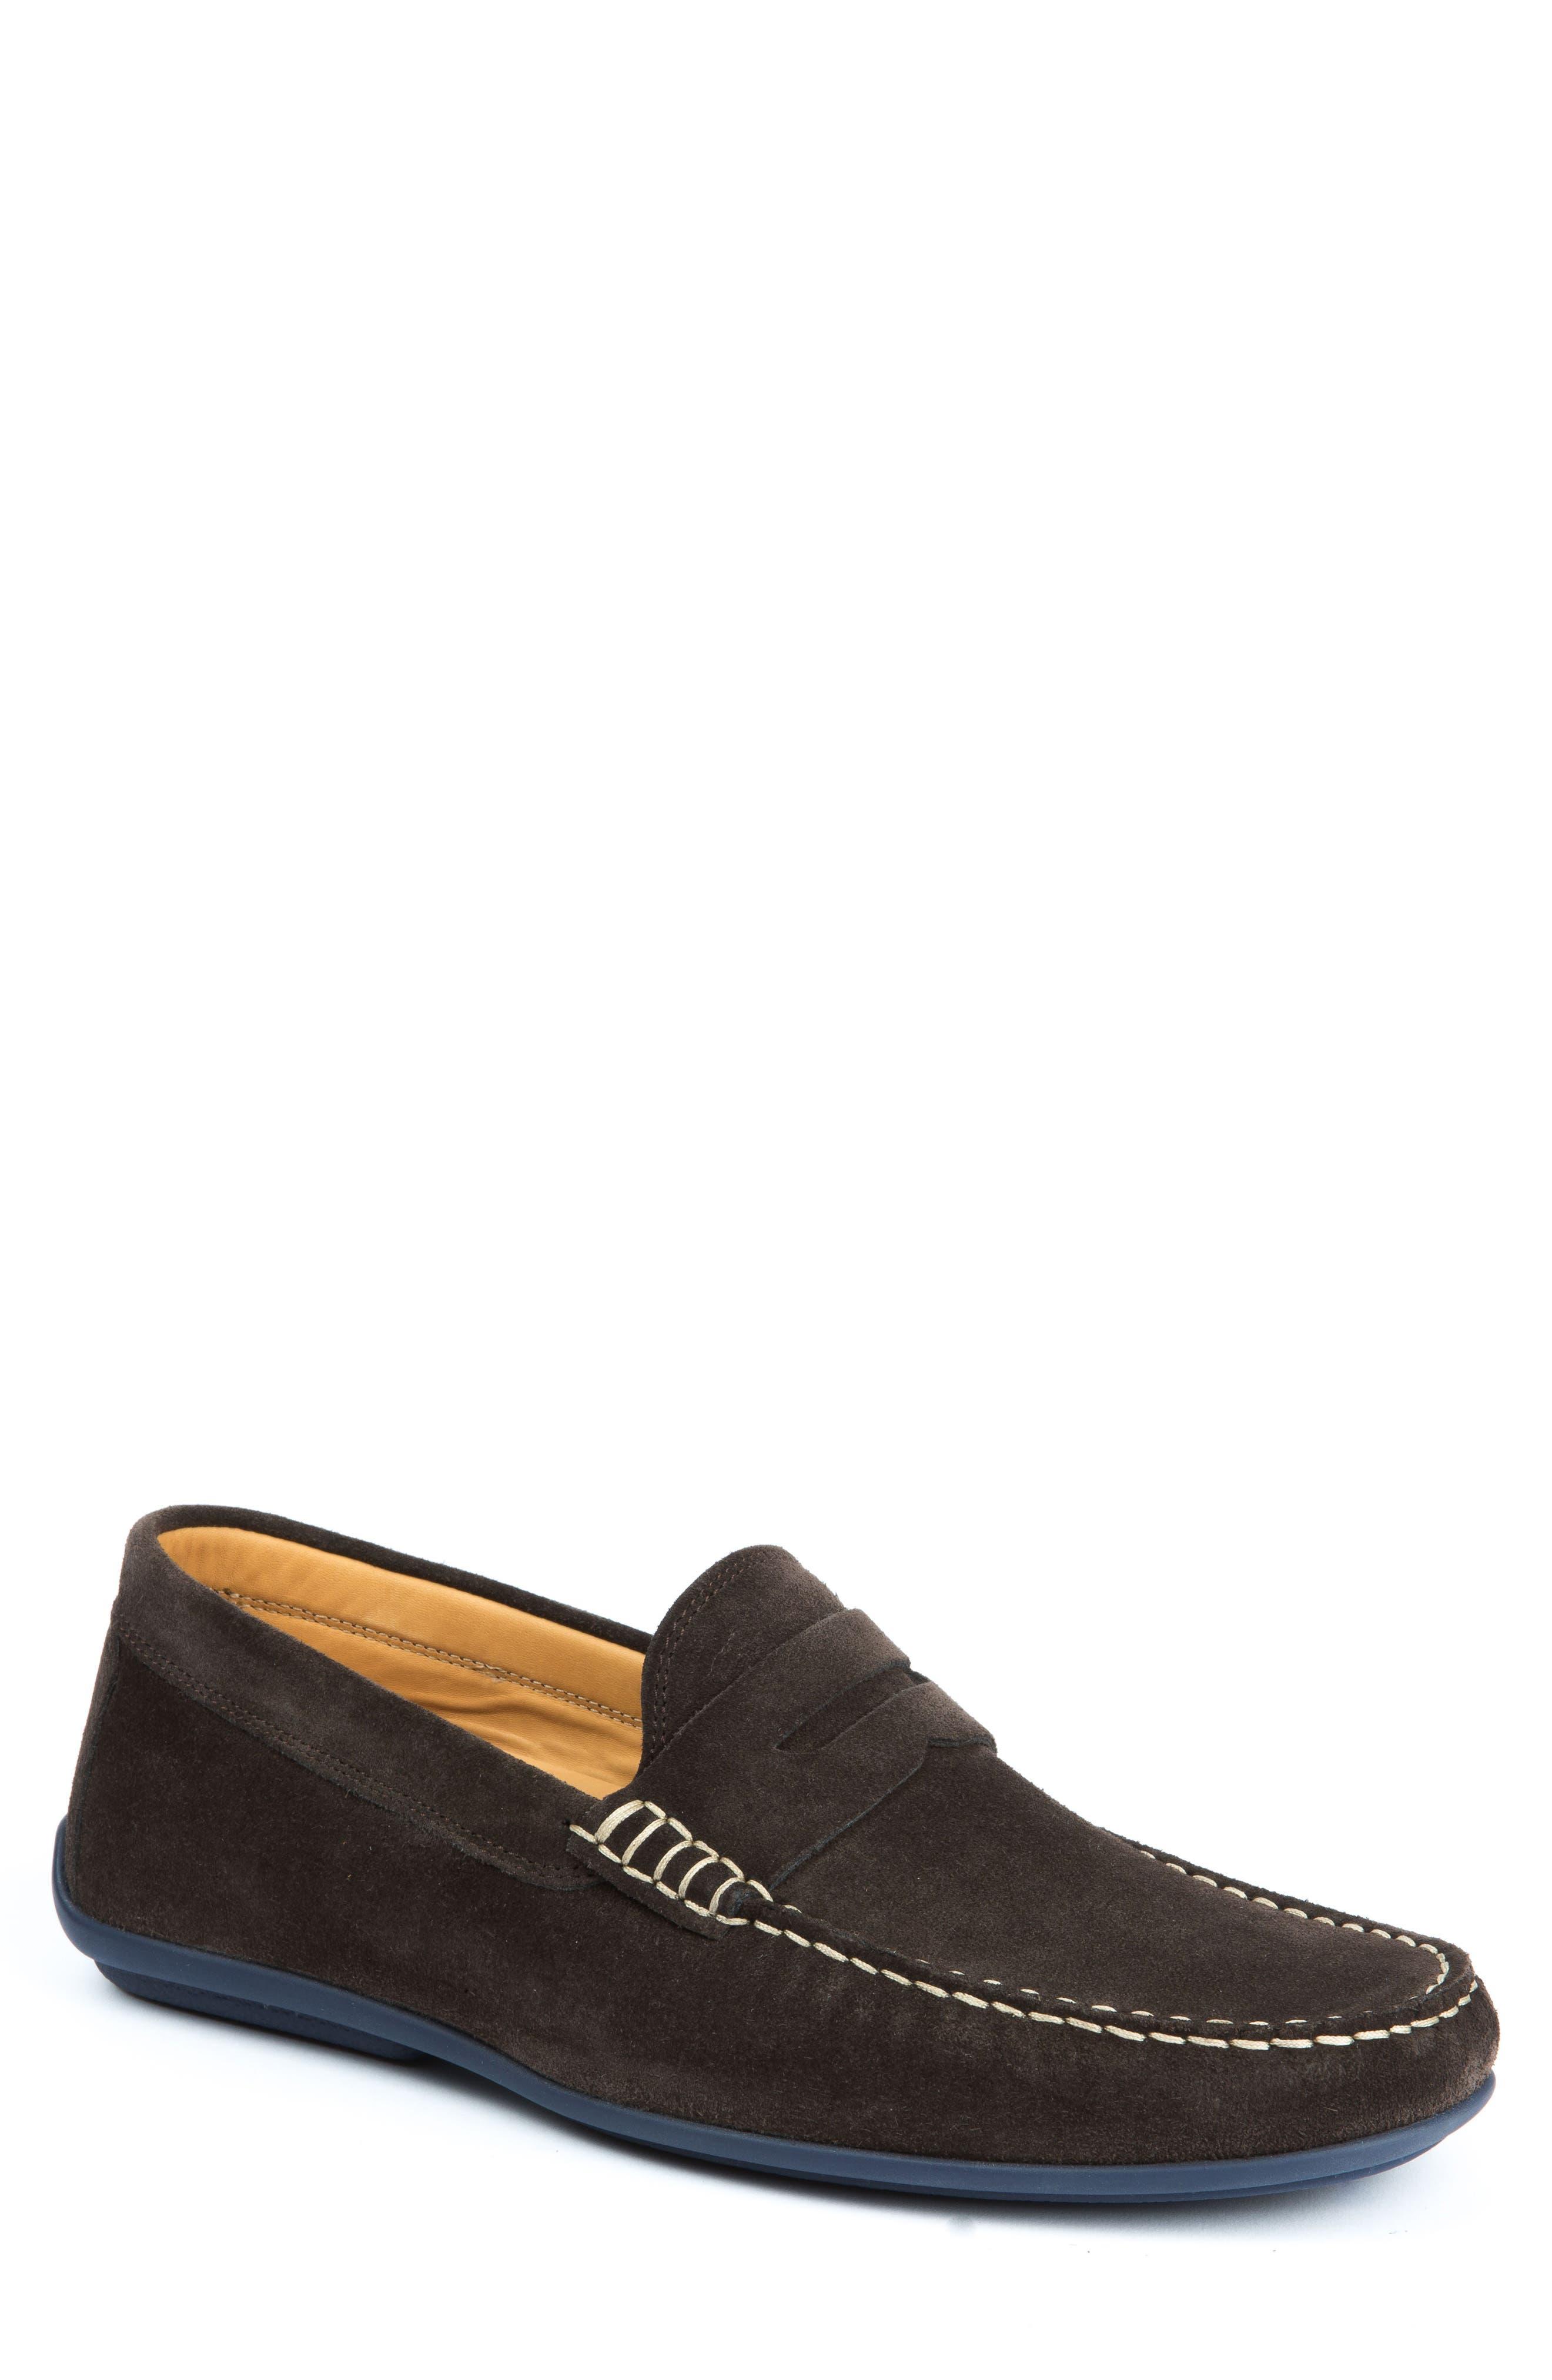 Austen Heller Biltmores Driving Shoe (Men)